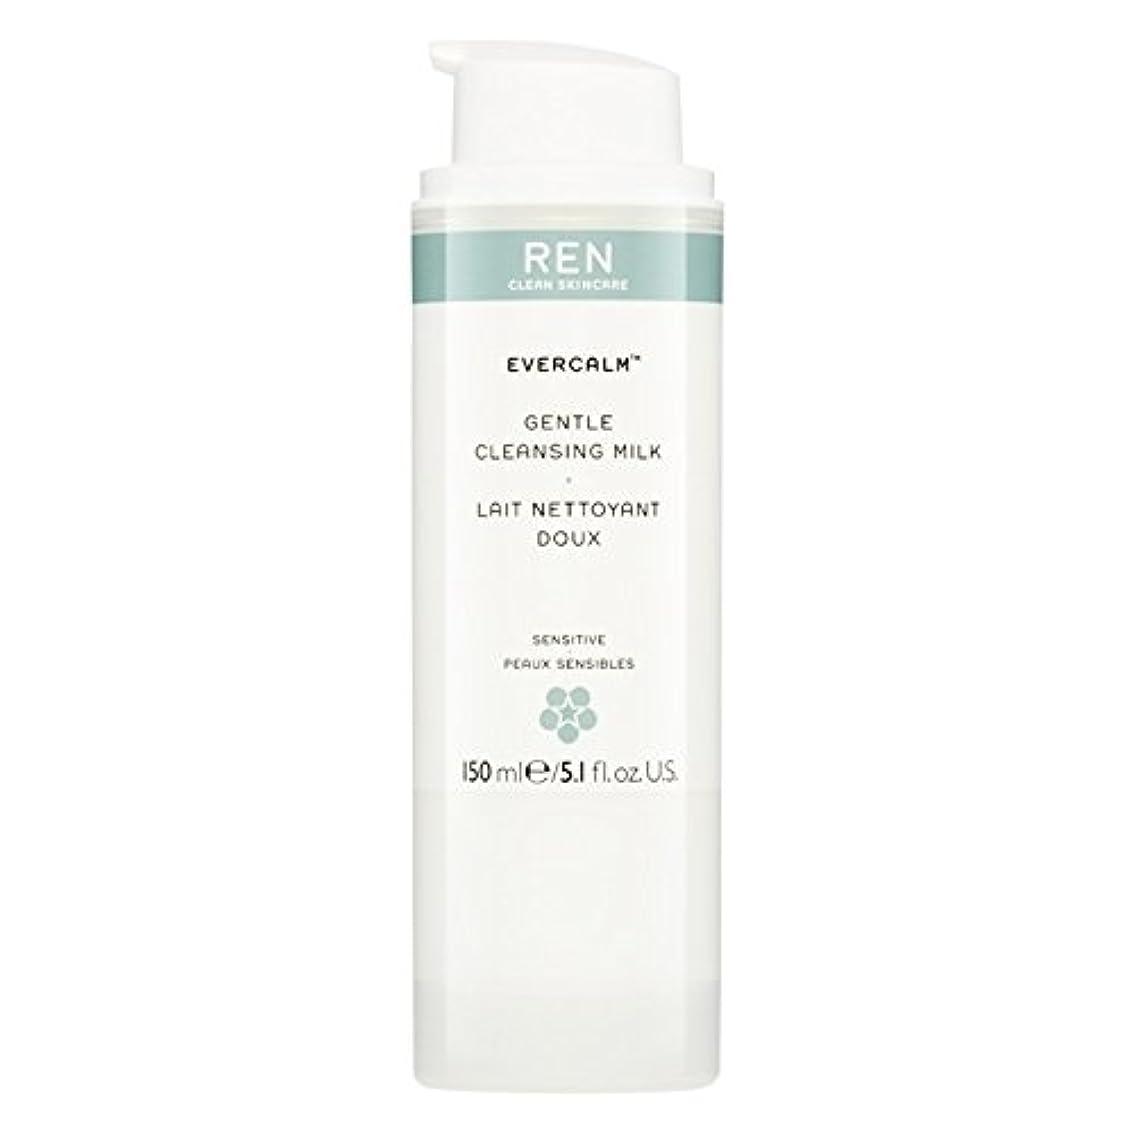 ペーストポップ発生器Ren Evercalm優しいクレンジングミルク、150ミリリットル (REN) - REN Evercalm Gentle Cleansing Milk, 150ml [並行輸入品]